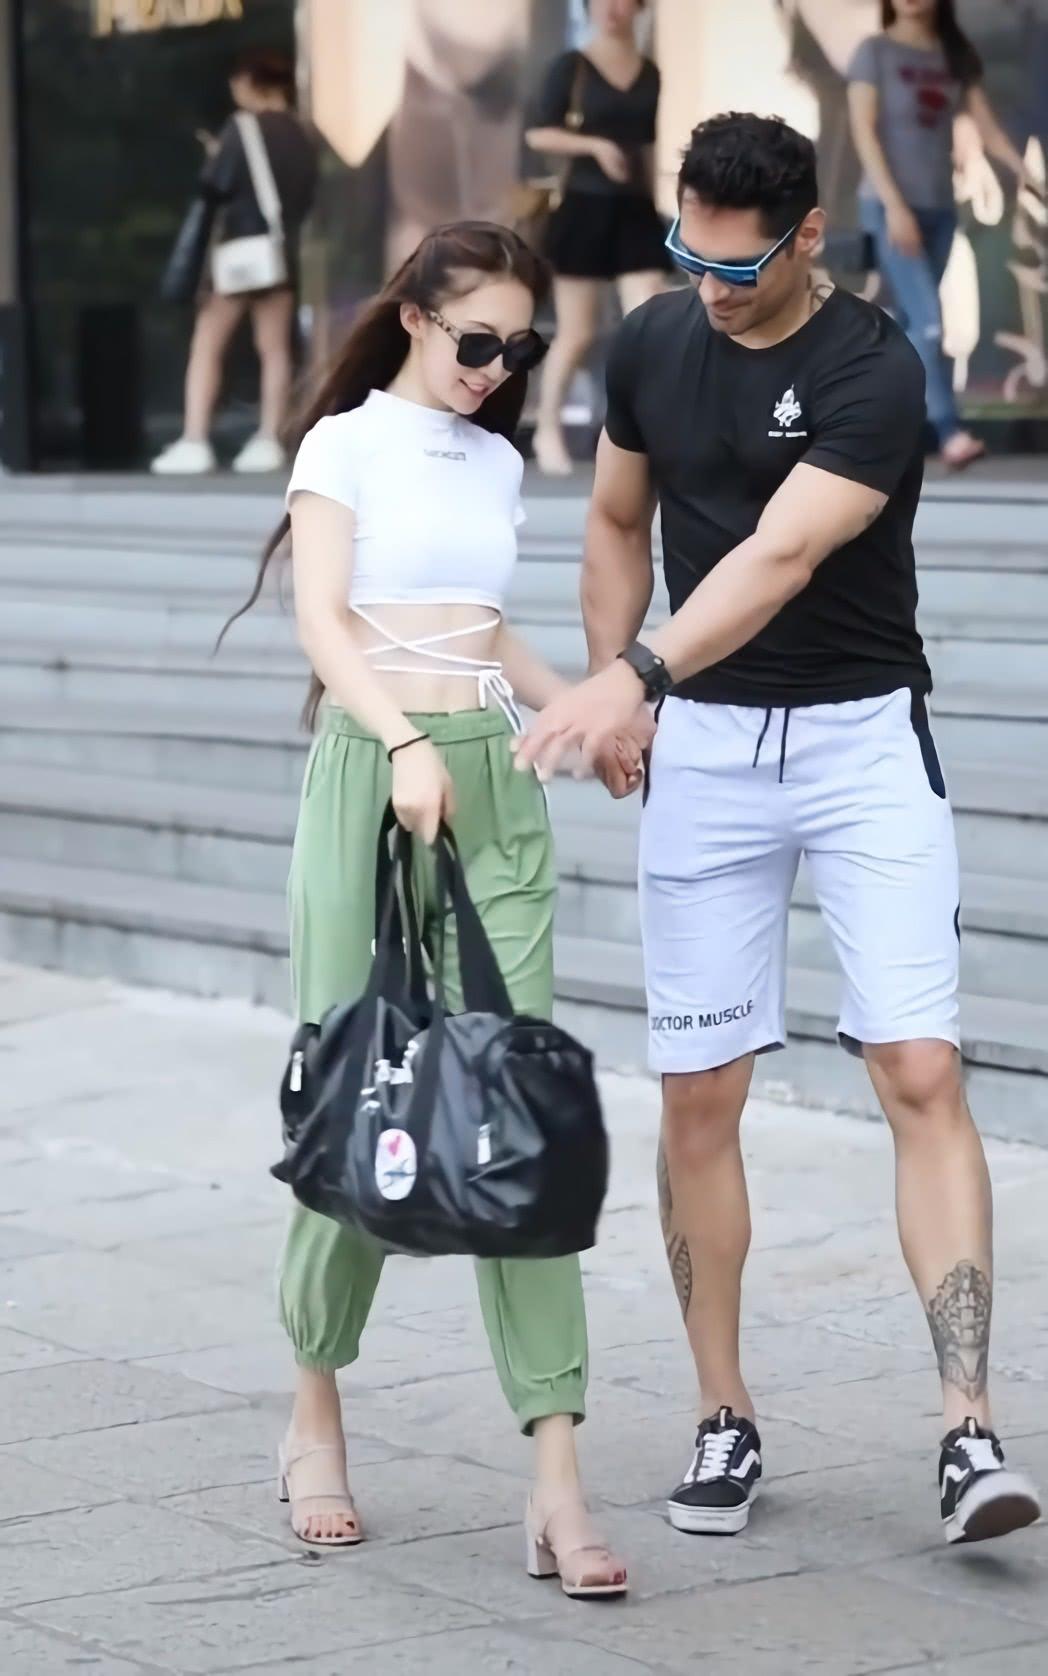 """爱运动的女孩真棒,这么难驾驭的""""草原绿裤"""",都能穿出时尚感"""